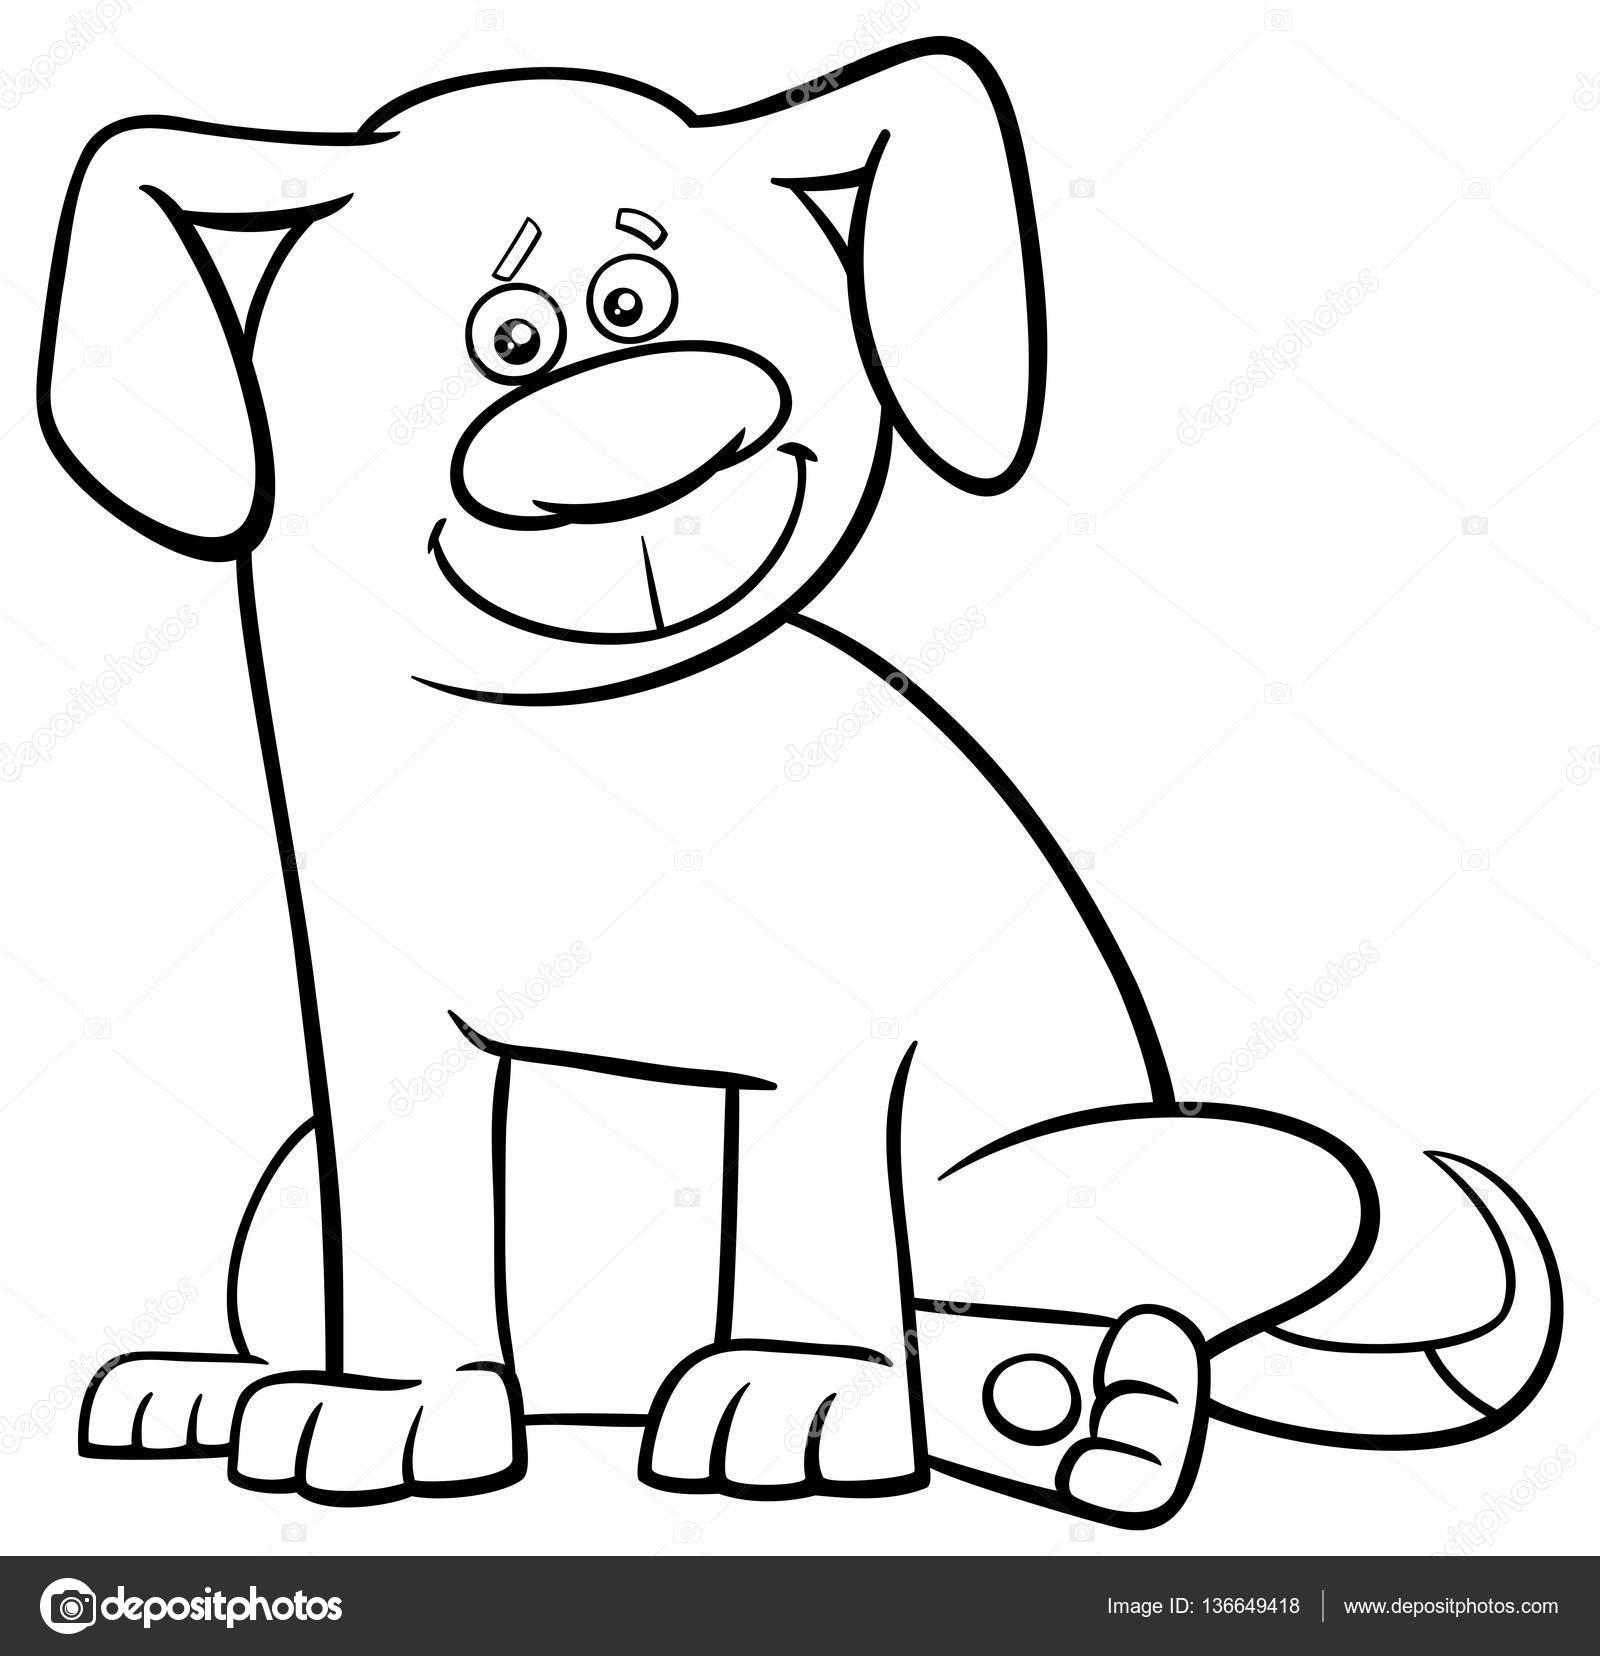 Página para colorear de perro carácter — Archivo Imágenes ...